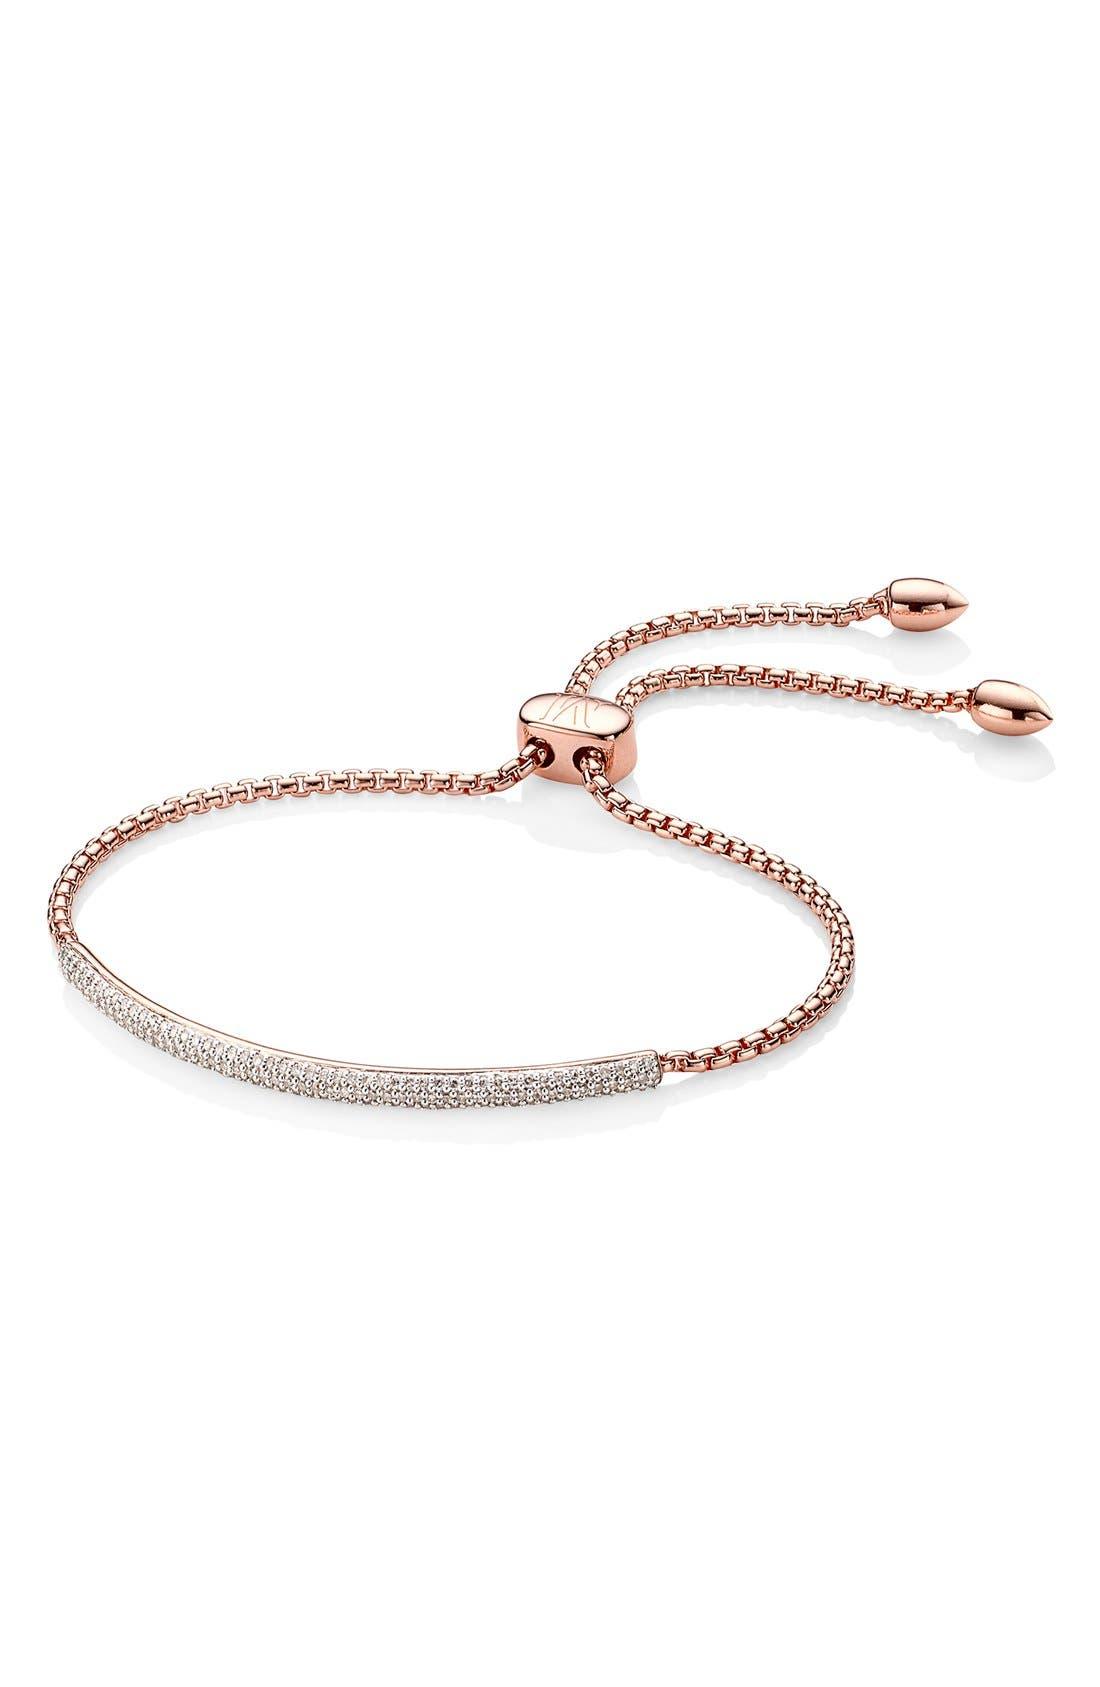 Stellar Pavé Diamond Mini Bar Bracelet,                             Main thumbnail 1, color,                             ROSE GOLD